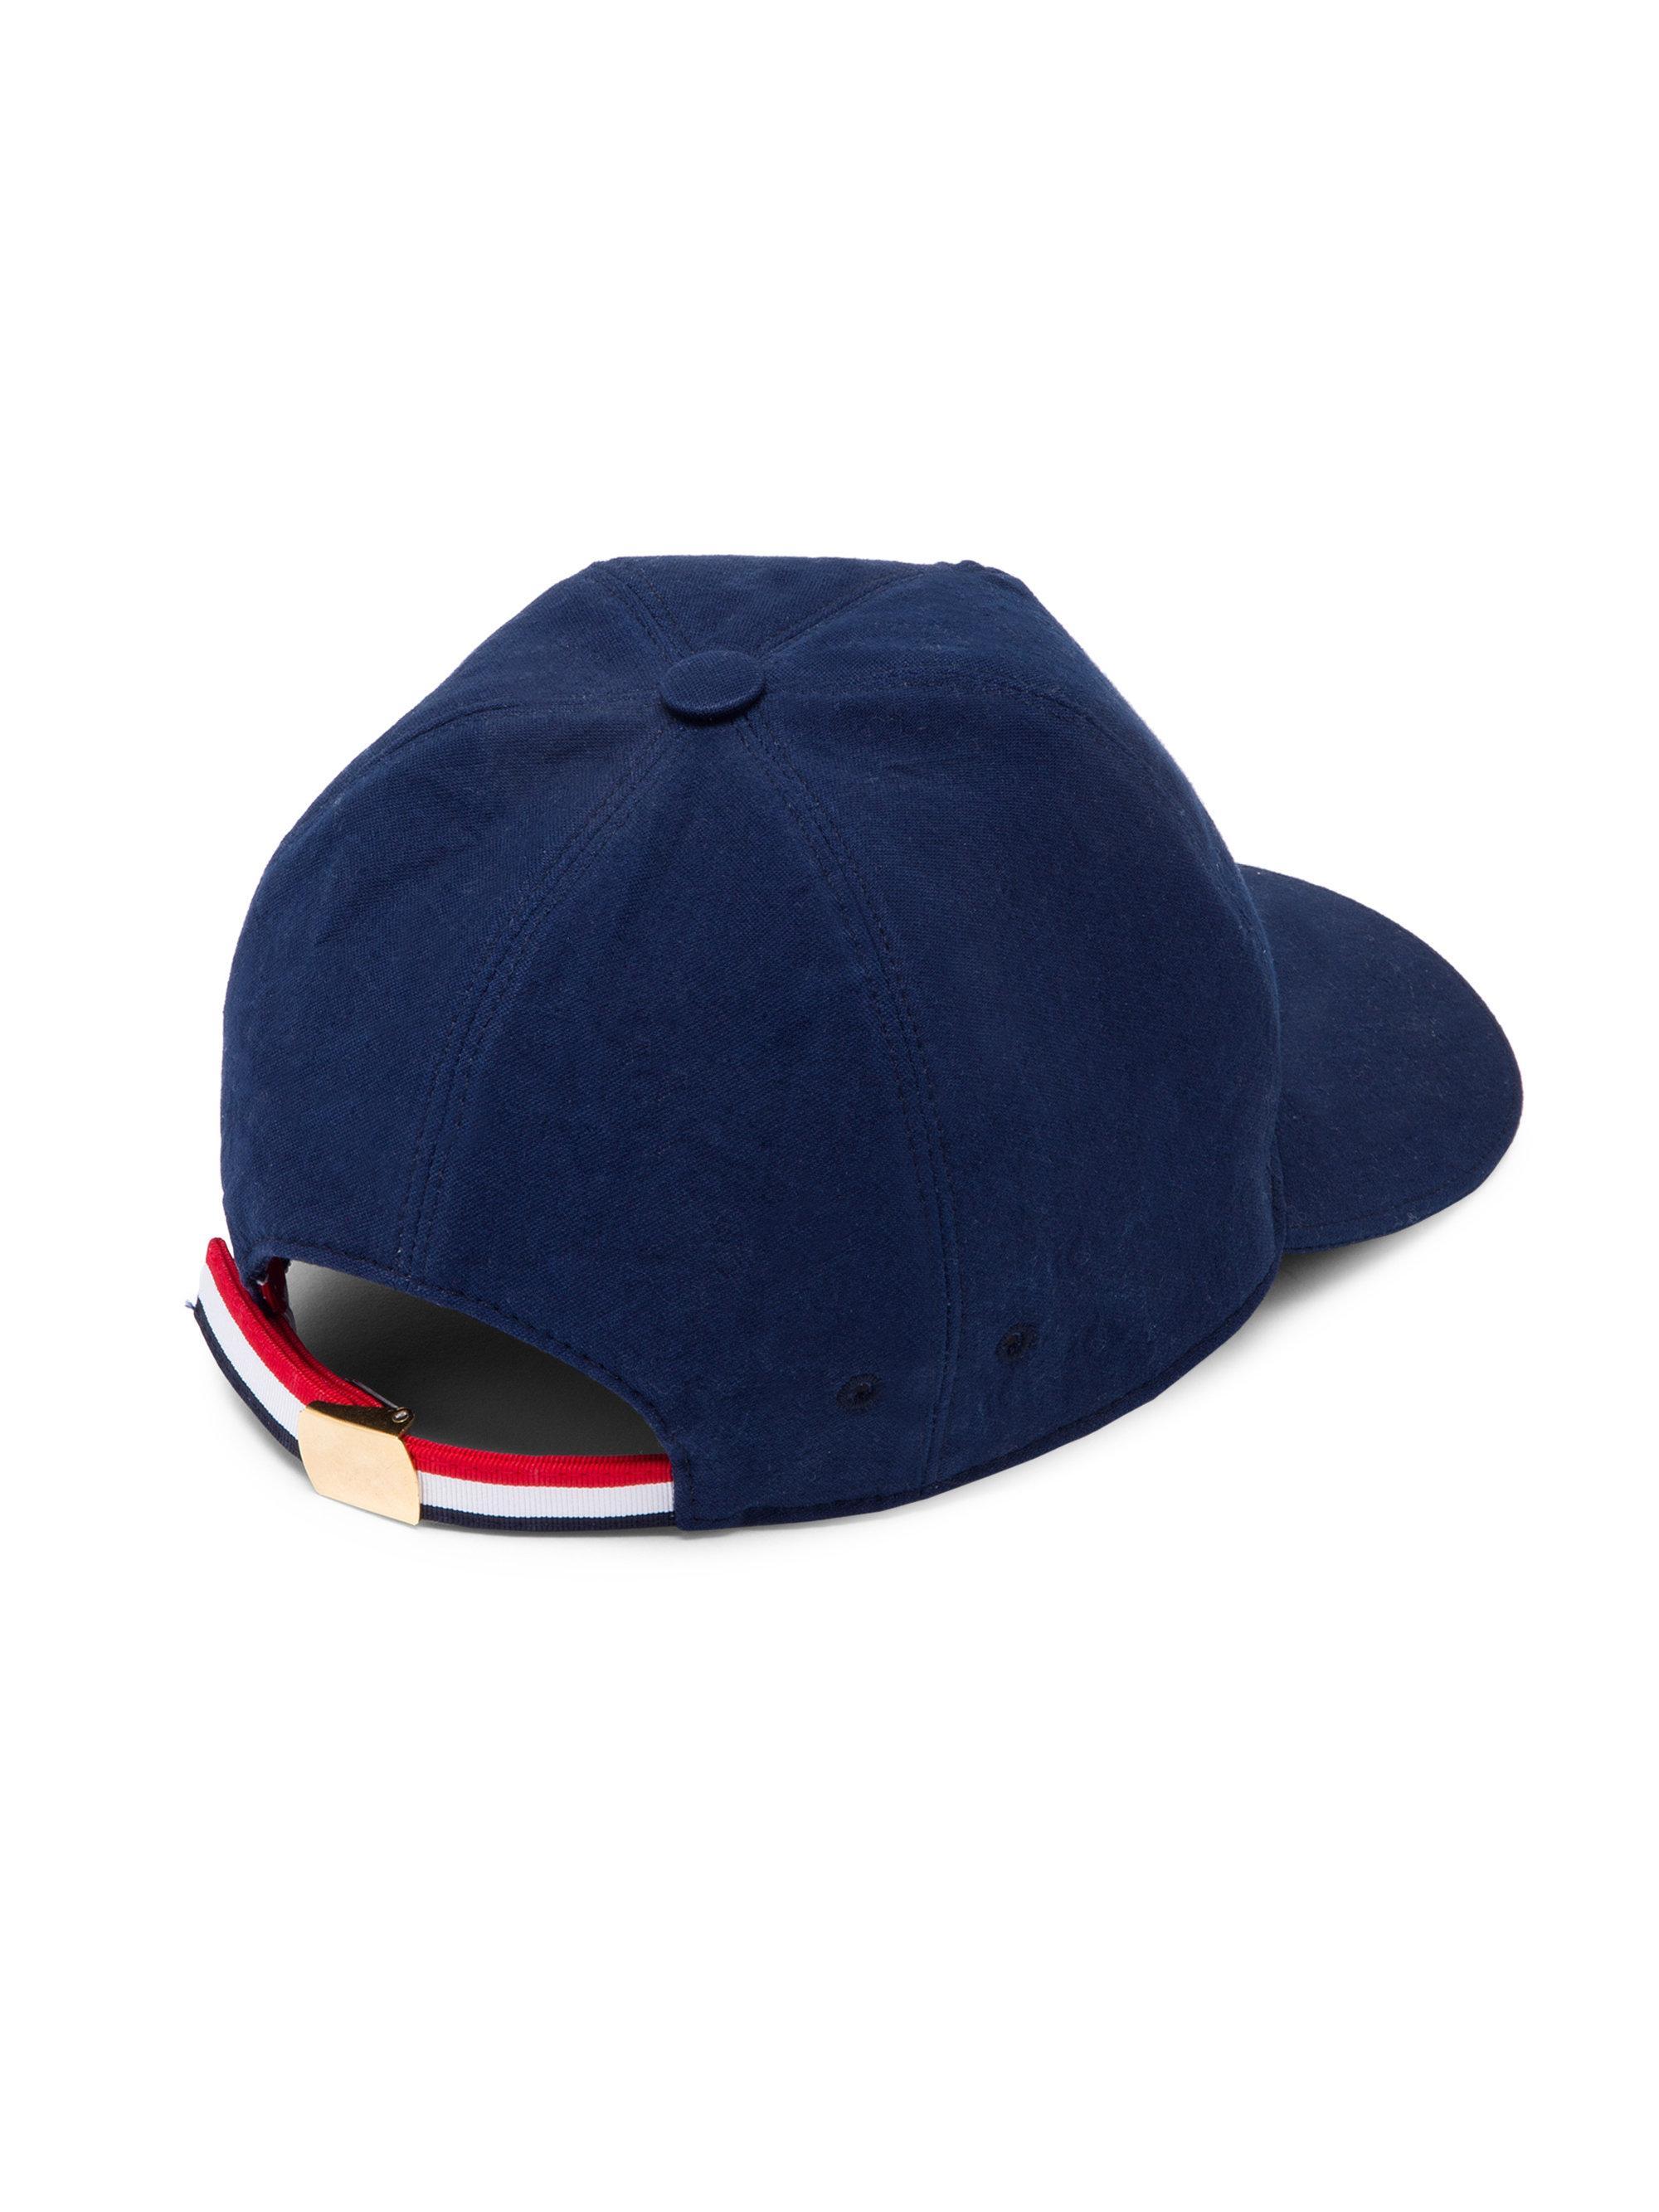 Lyst - Thom Browne Dog Five-panel Baseball Cap in Blue for Men da18653f2d71